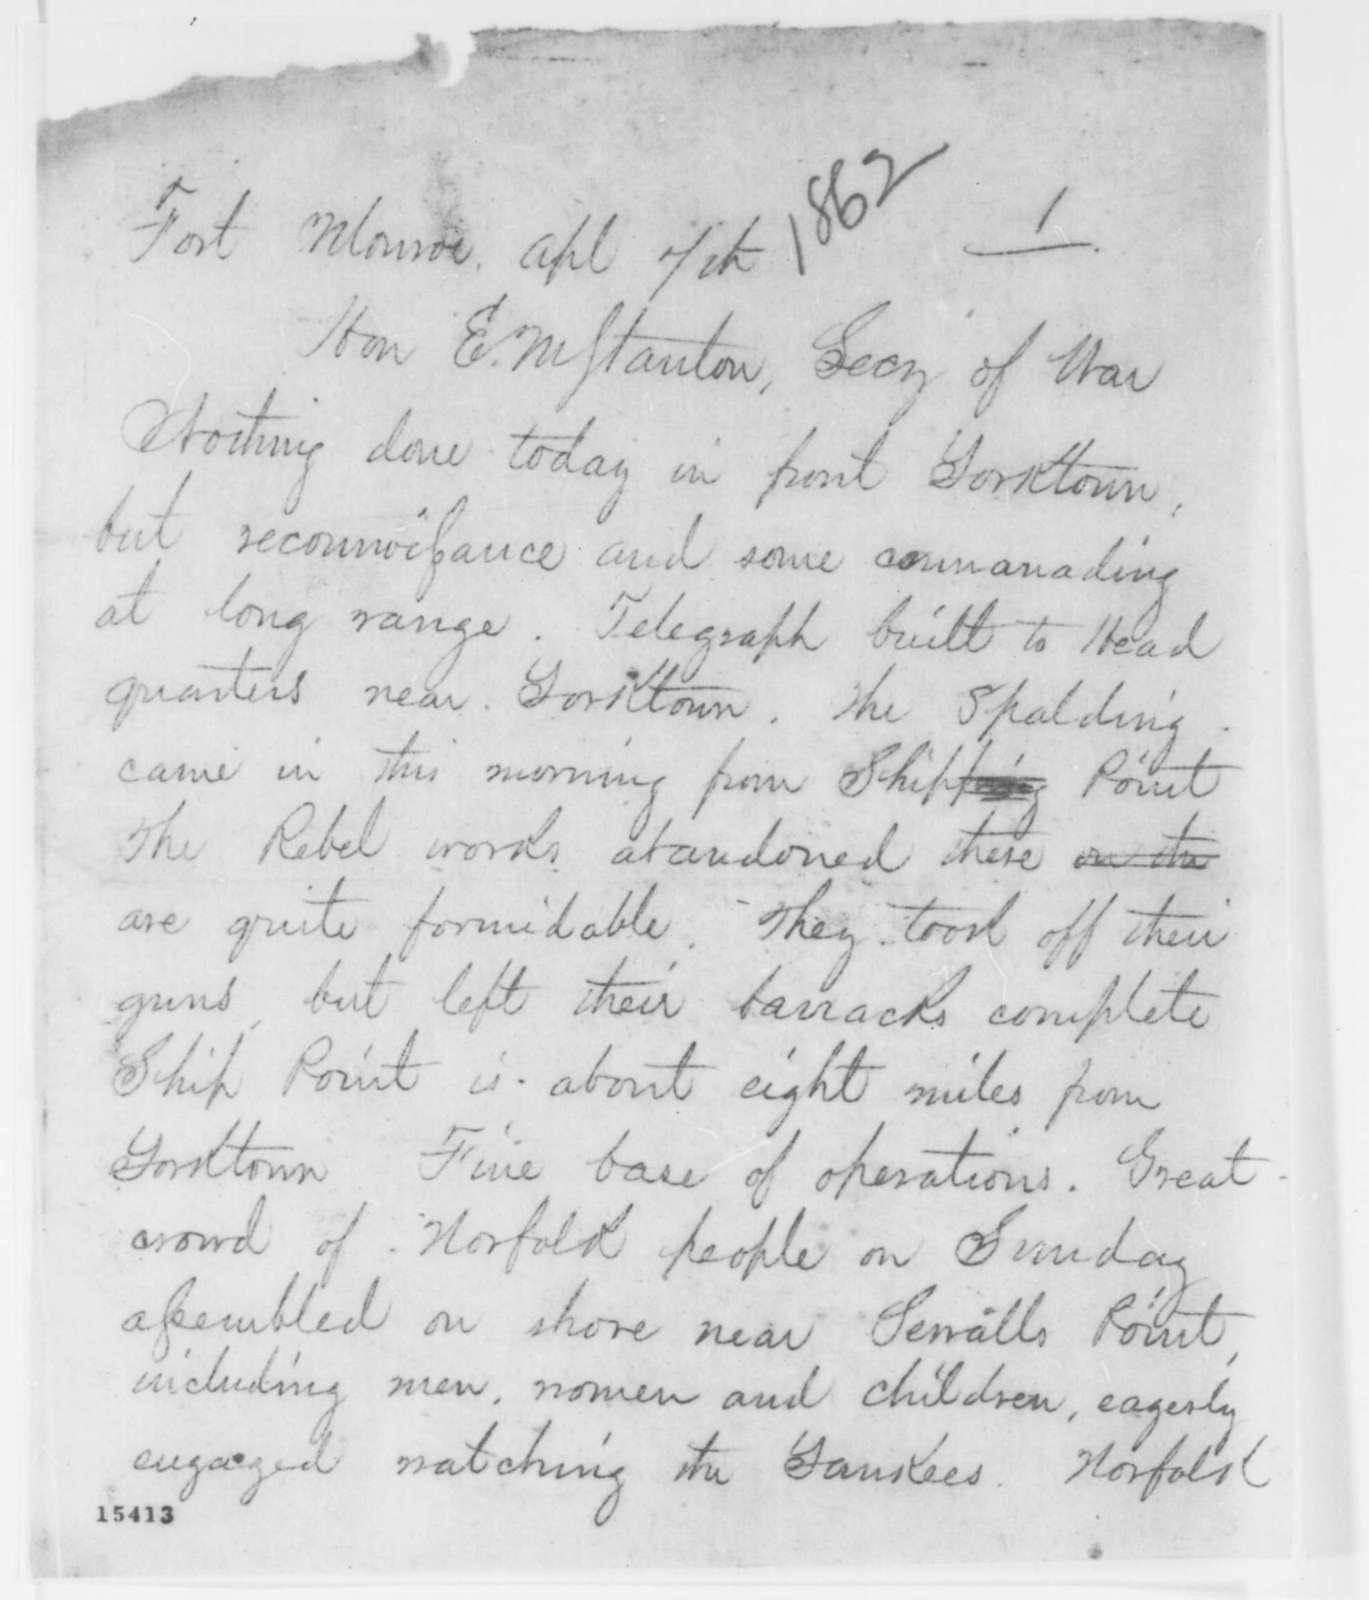 Charles C. Fulton to Edwin M. Stanton, Monday, April 07, 1862  (Telegram regarding military affairs)